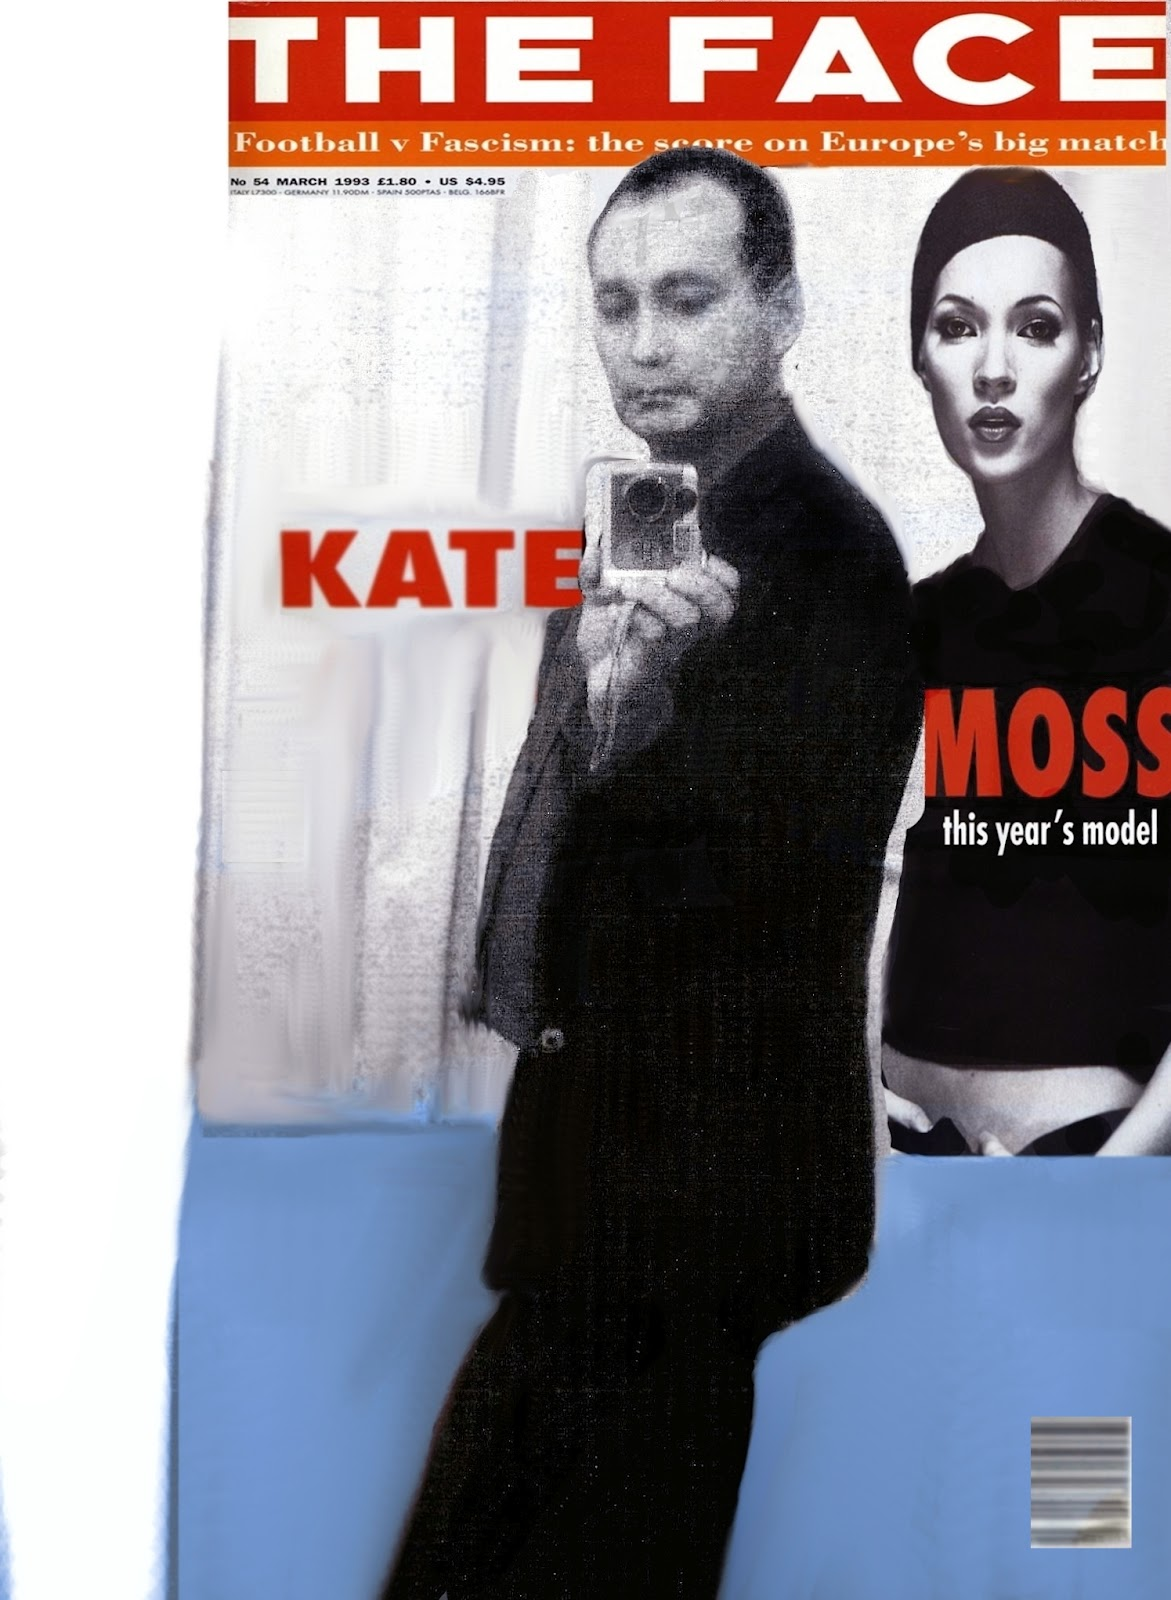 http://2.bp.blogspot.com/-KzijhqyY498/UBk_hRh73FI/AAAAAAAAFx4/gefjbZr5O_E/s1600/Adolfo+V%C3%A1squez+Rocca+PHD.+_+The+Face+Magazine+2012_+Kate+Moss+_+Dise%C3%B1o.jpeg